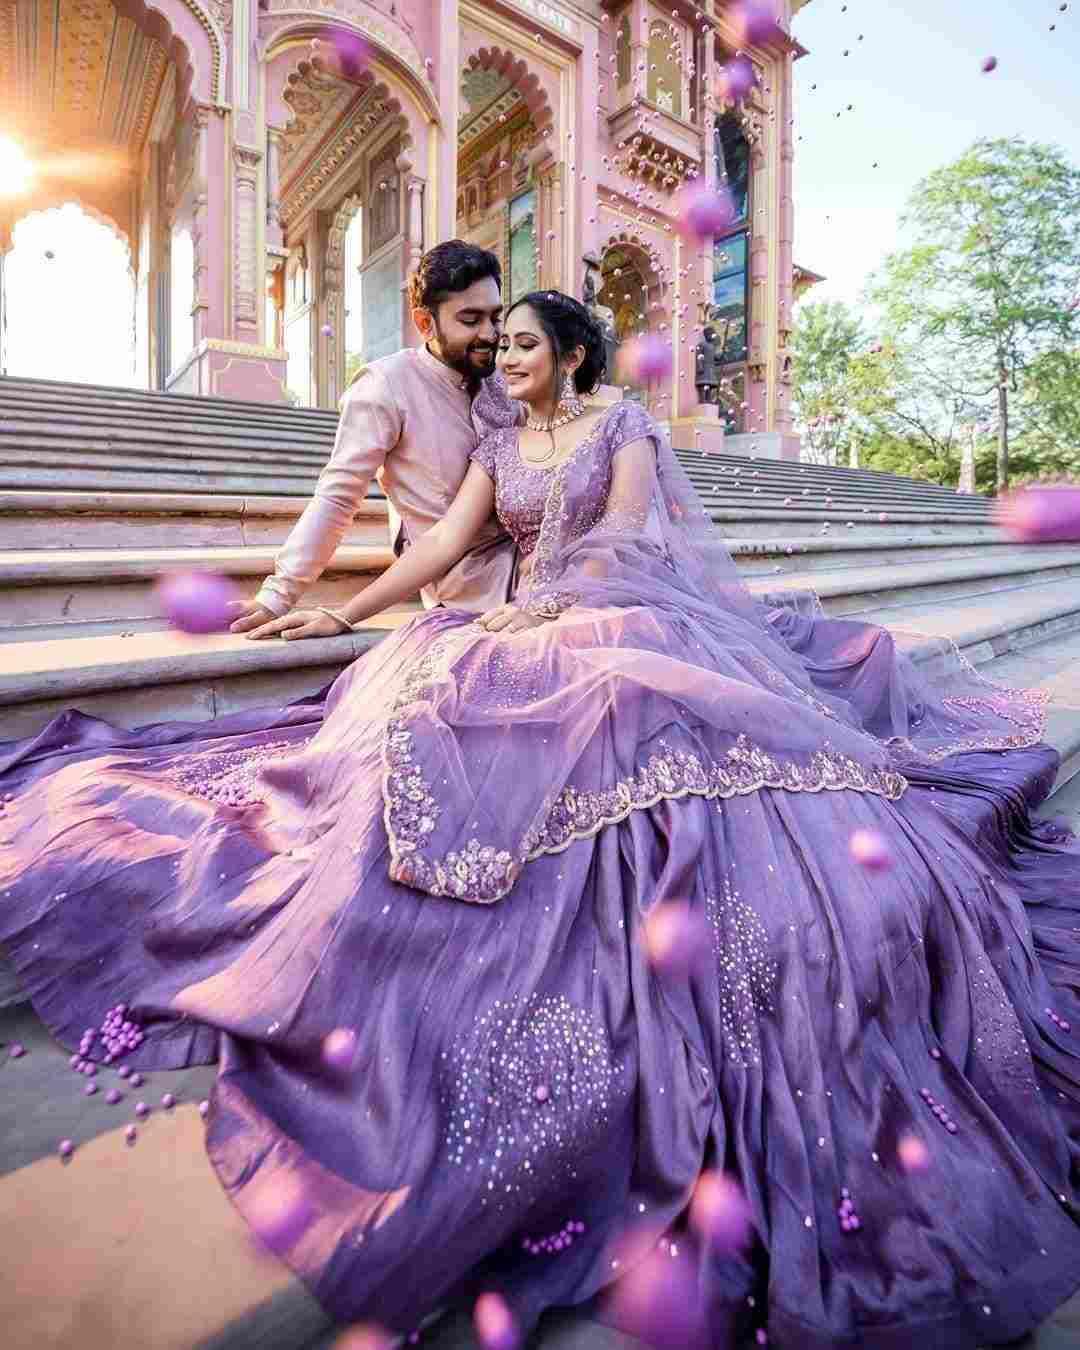 pre wedding shoot ideas | bridal wear